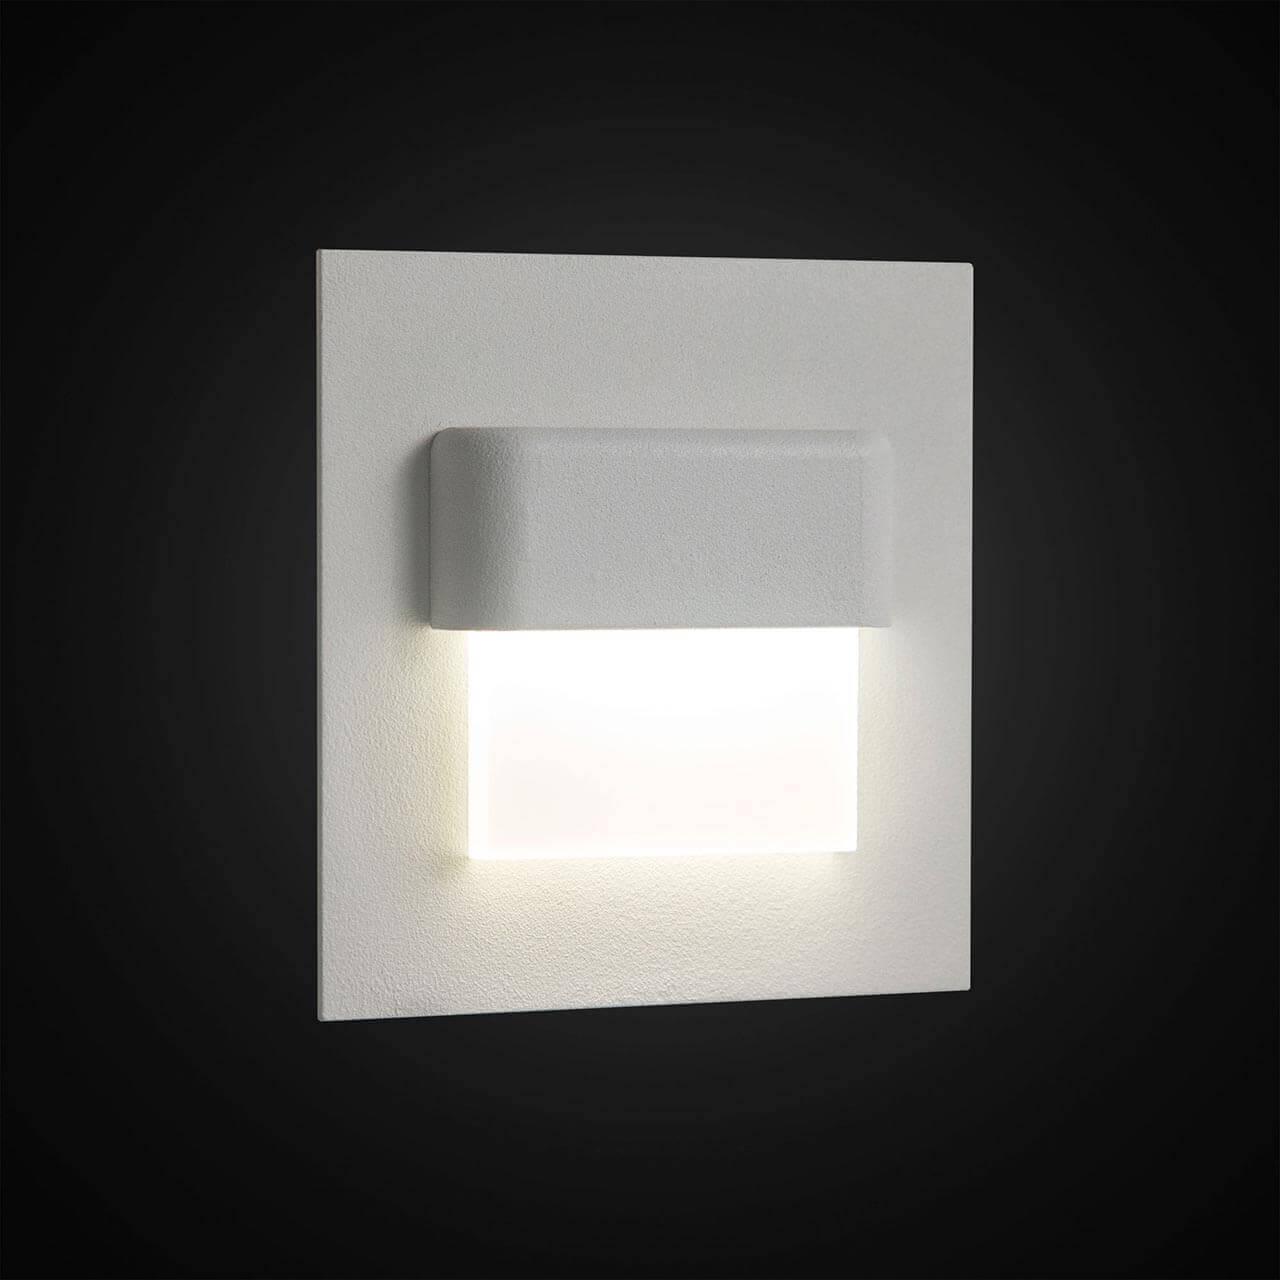 Светильник Citilux CLD006K0 Скалли